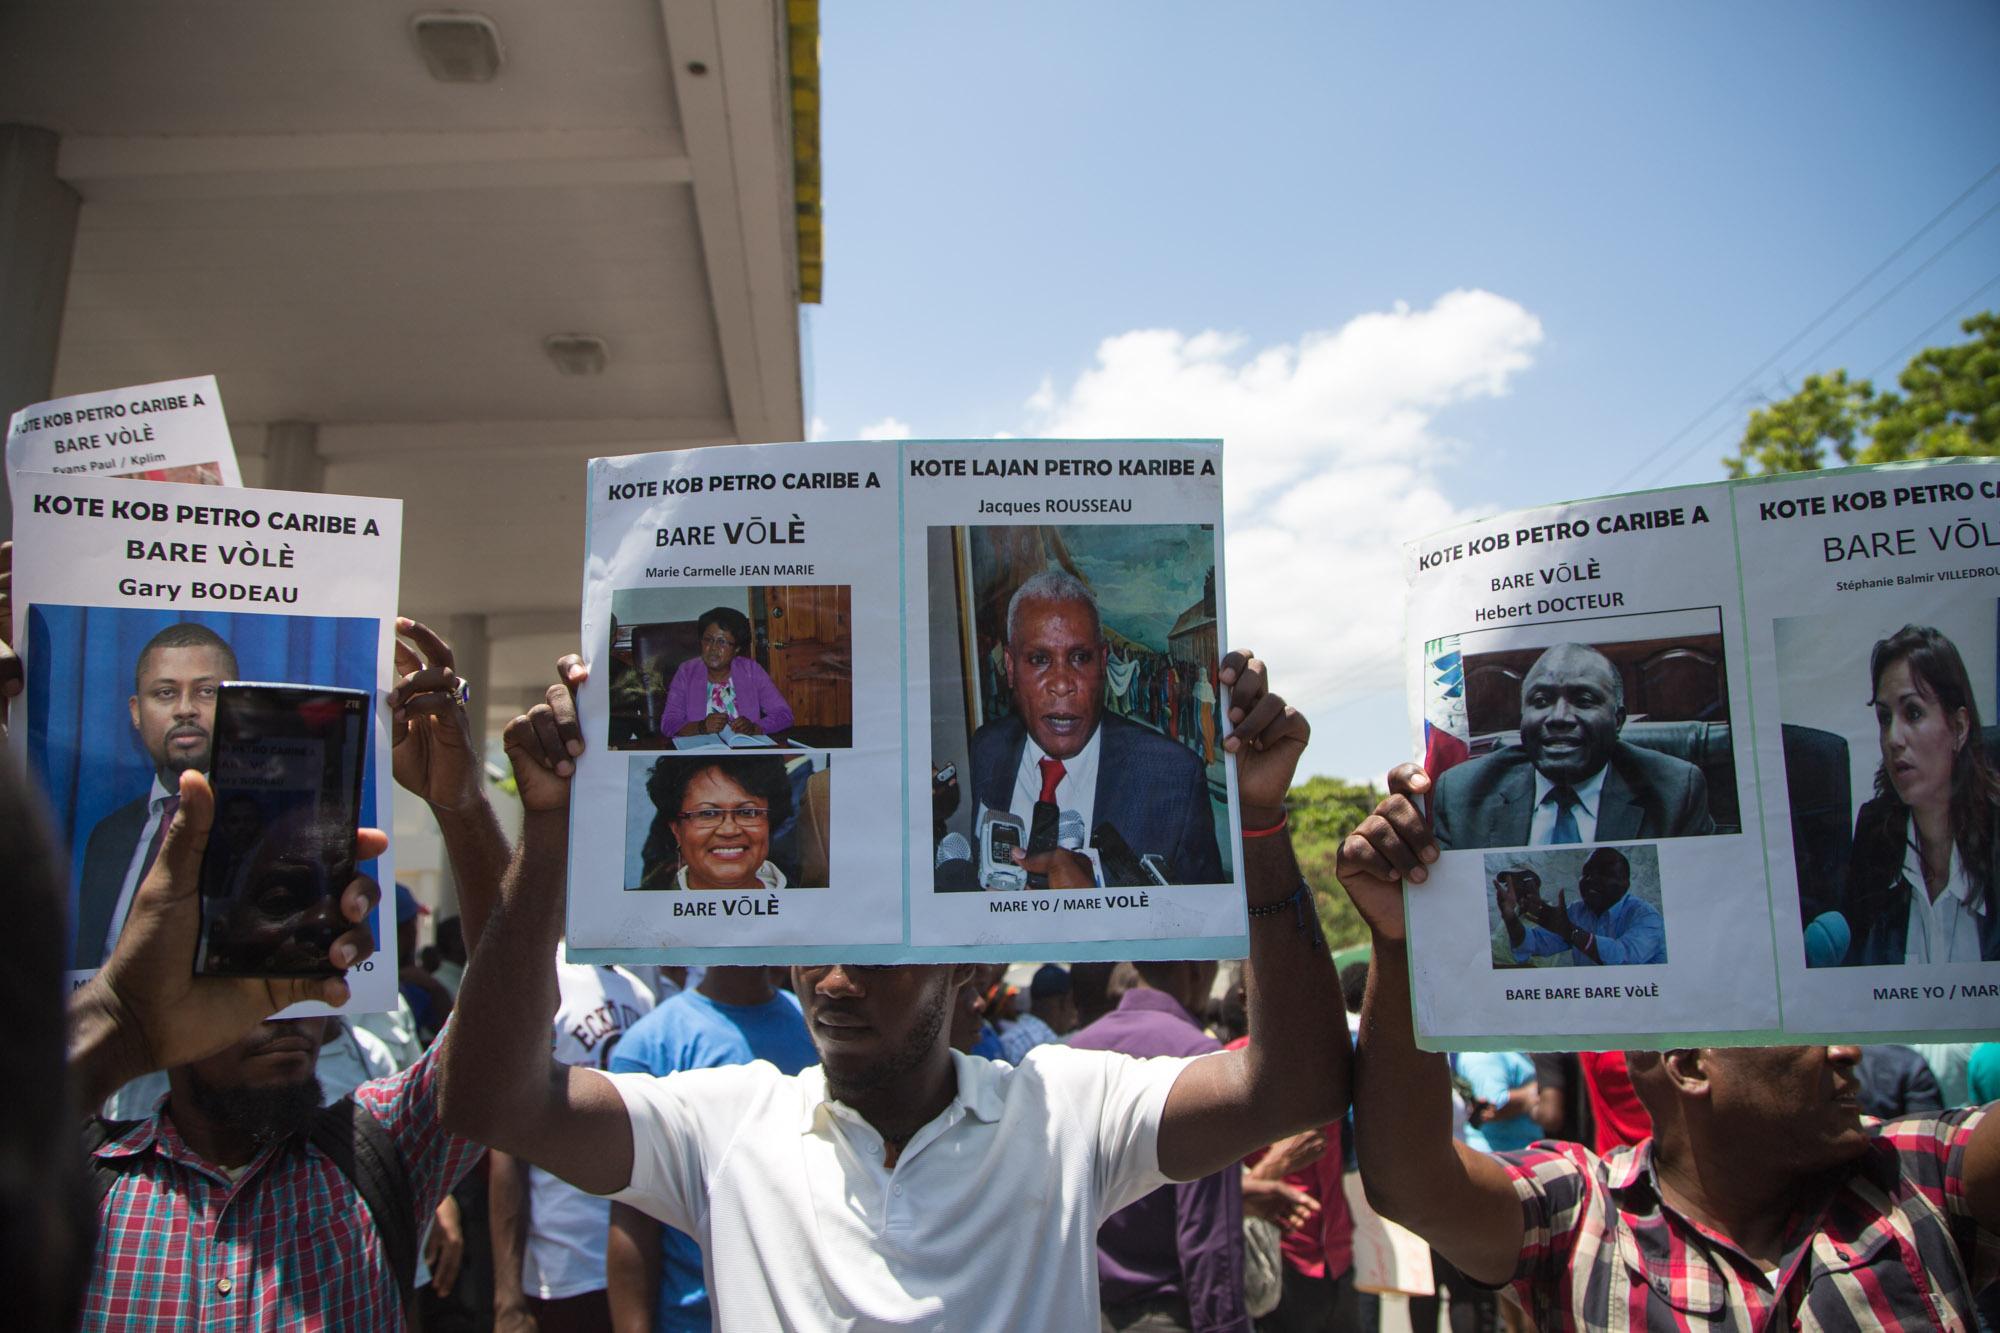 Des citoyens haïtiens continuent de demander des comptes sur l'utilisation des 3,5 millards de dollars dépensés sous les administrations Préval, Privert et Martelly./Photo: Estailove Saint-Val-Loop Haiti